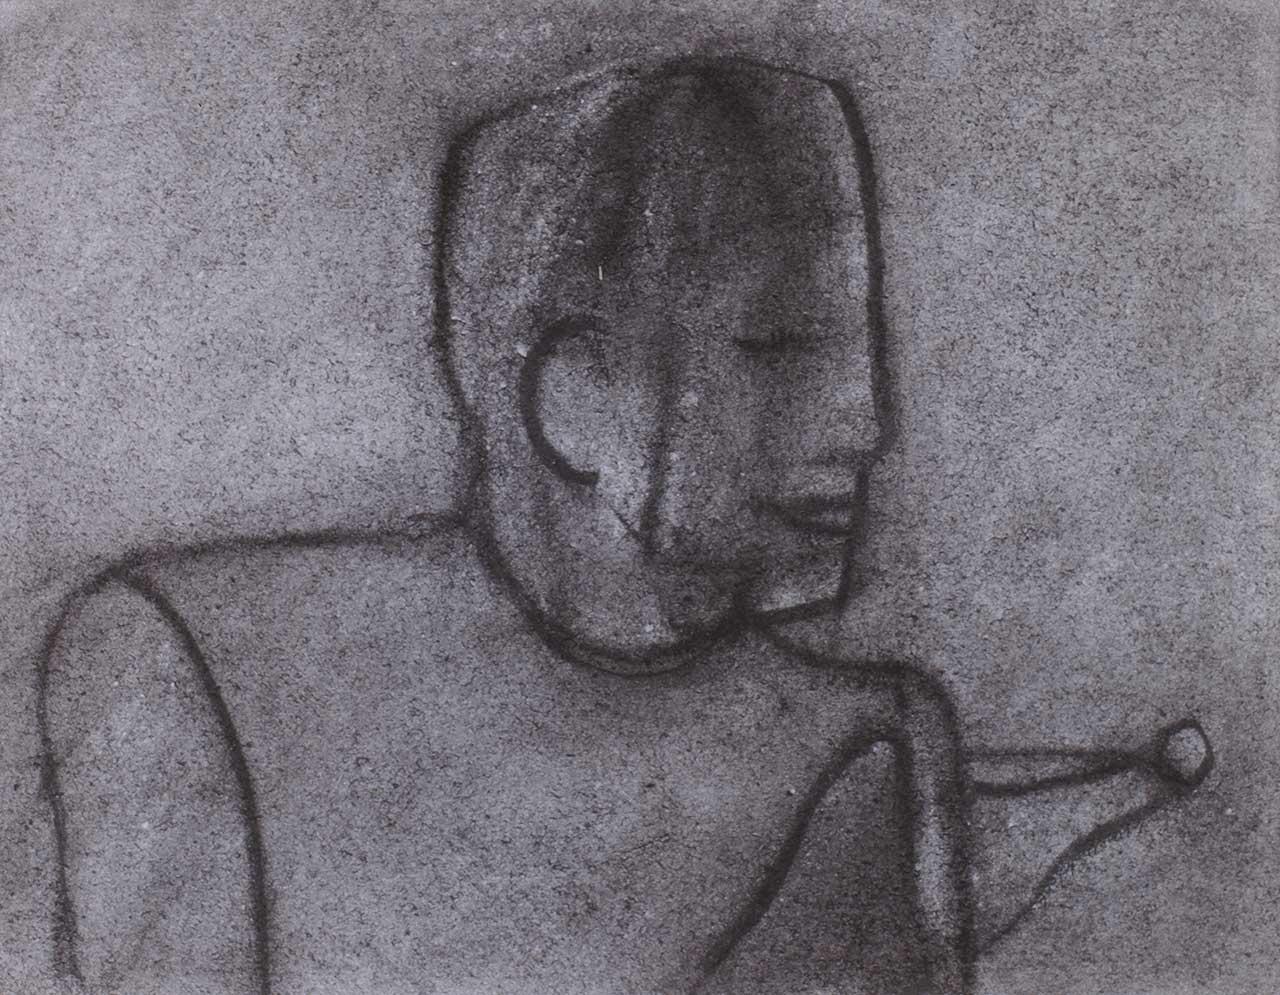 Φιγούρα, 1993, σχέδιο, 37x48 εκ.